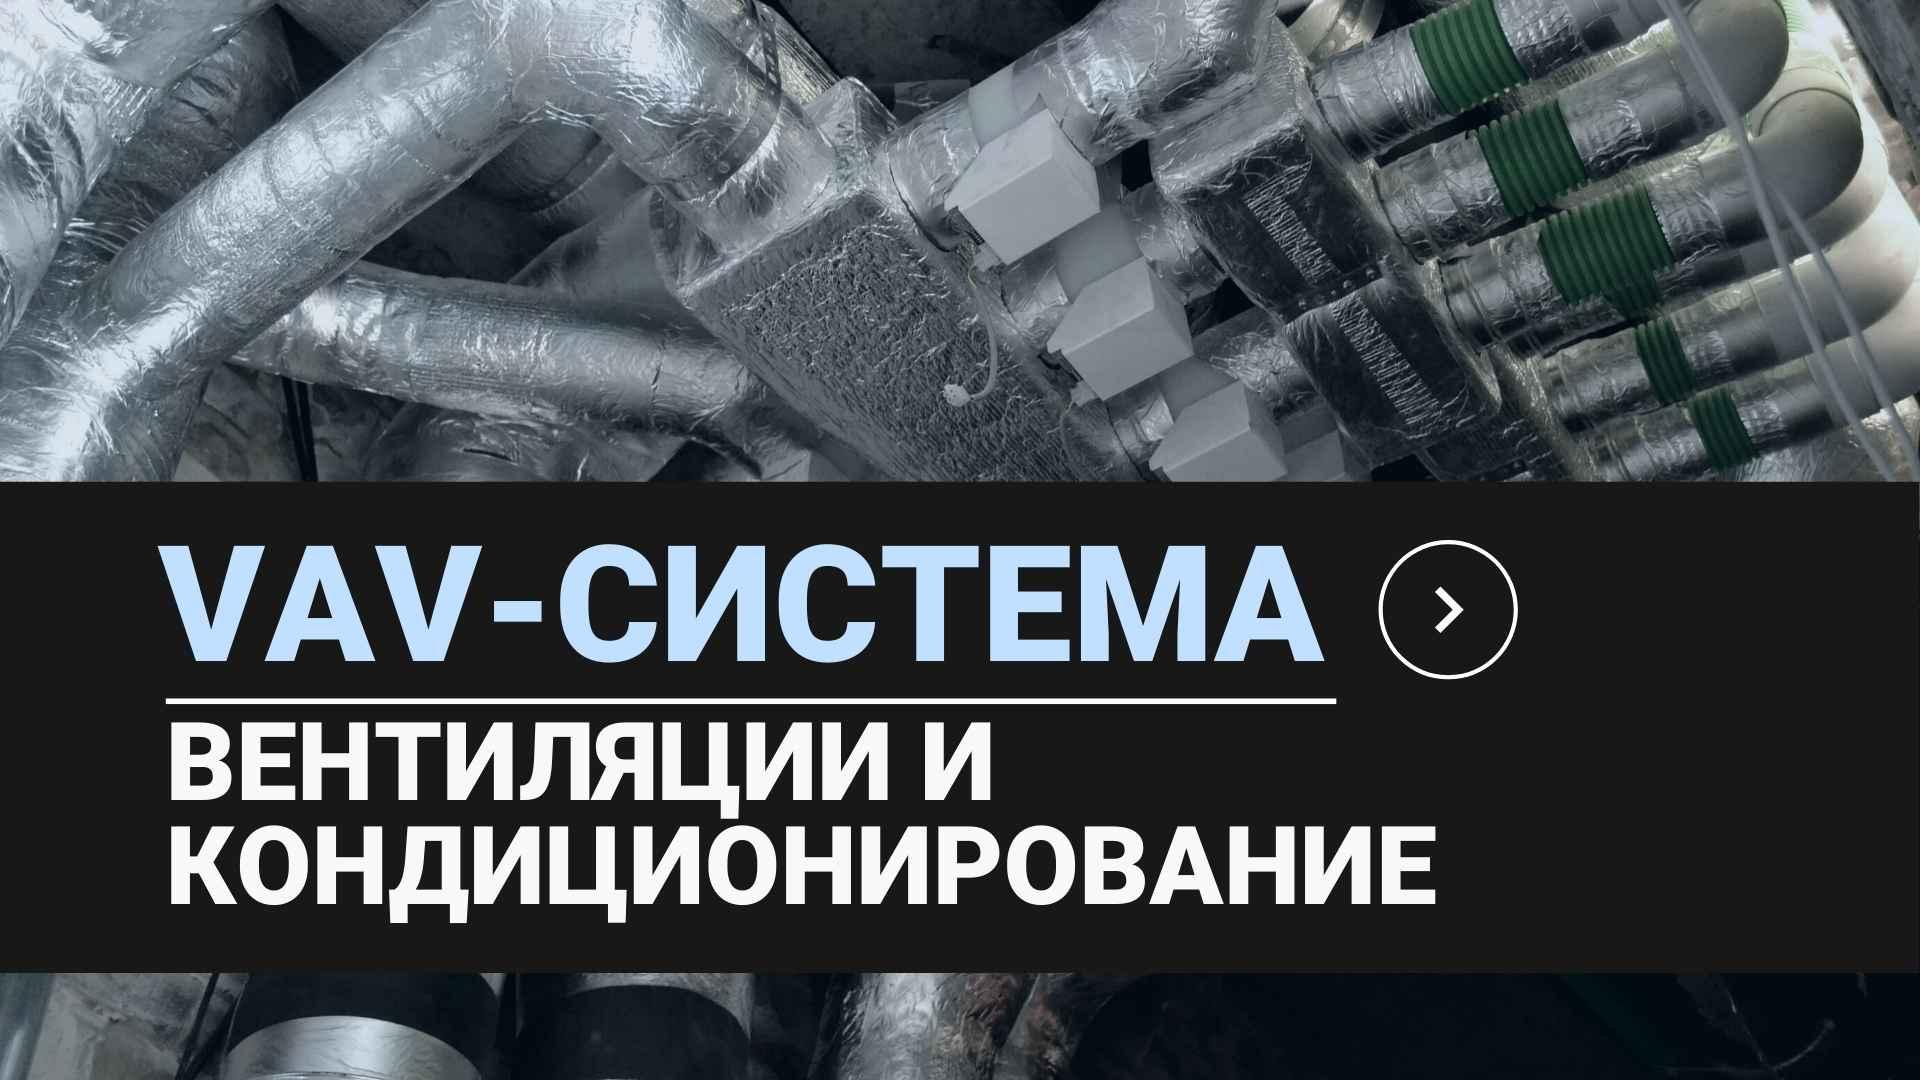 VAV-система вентиляции и кондиционирование в художественной галерее, г. Киев, ул. Прорезная